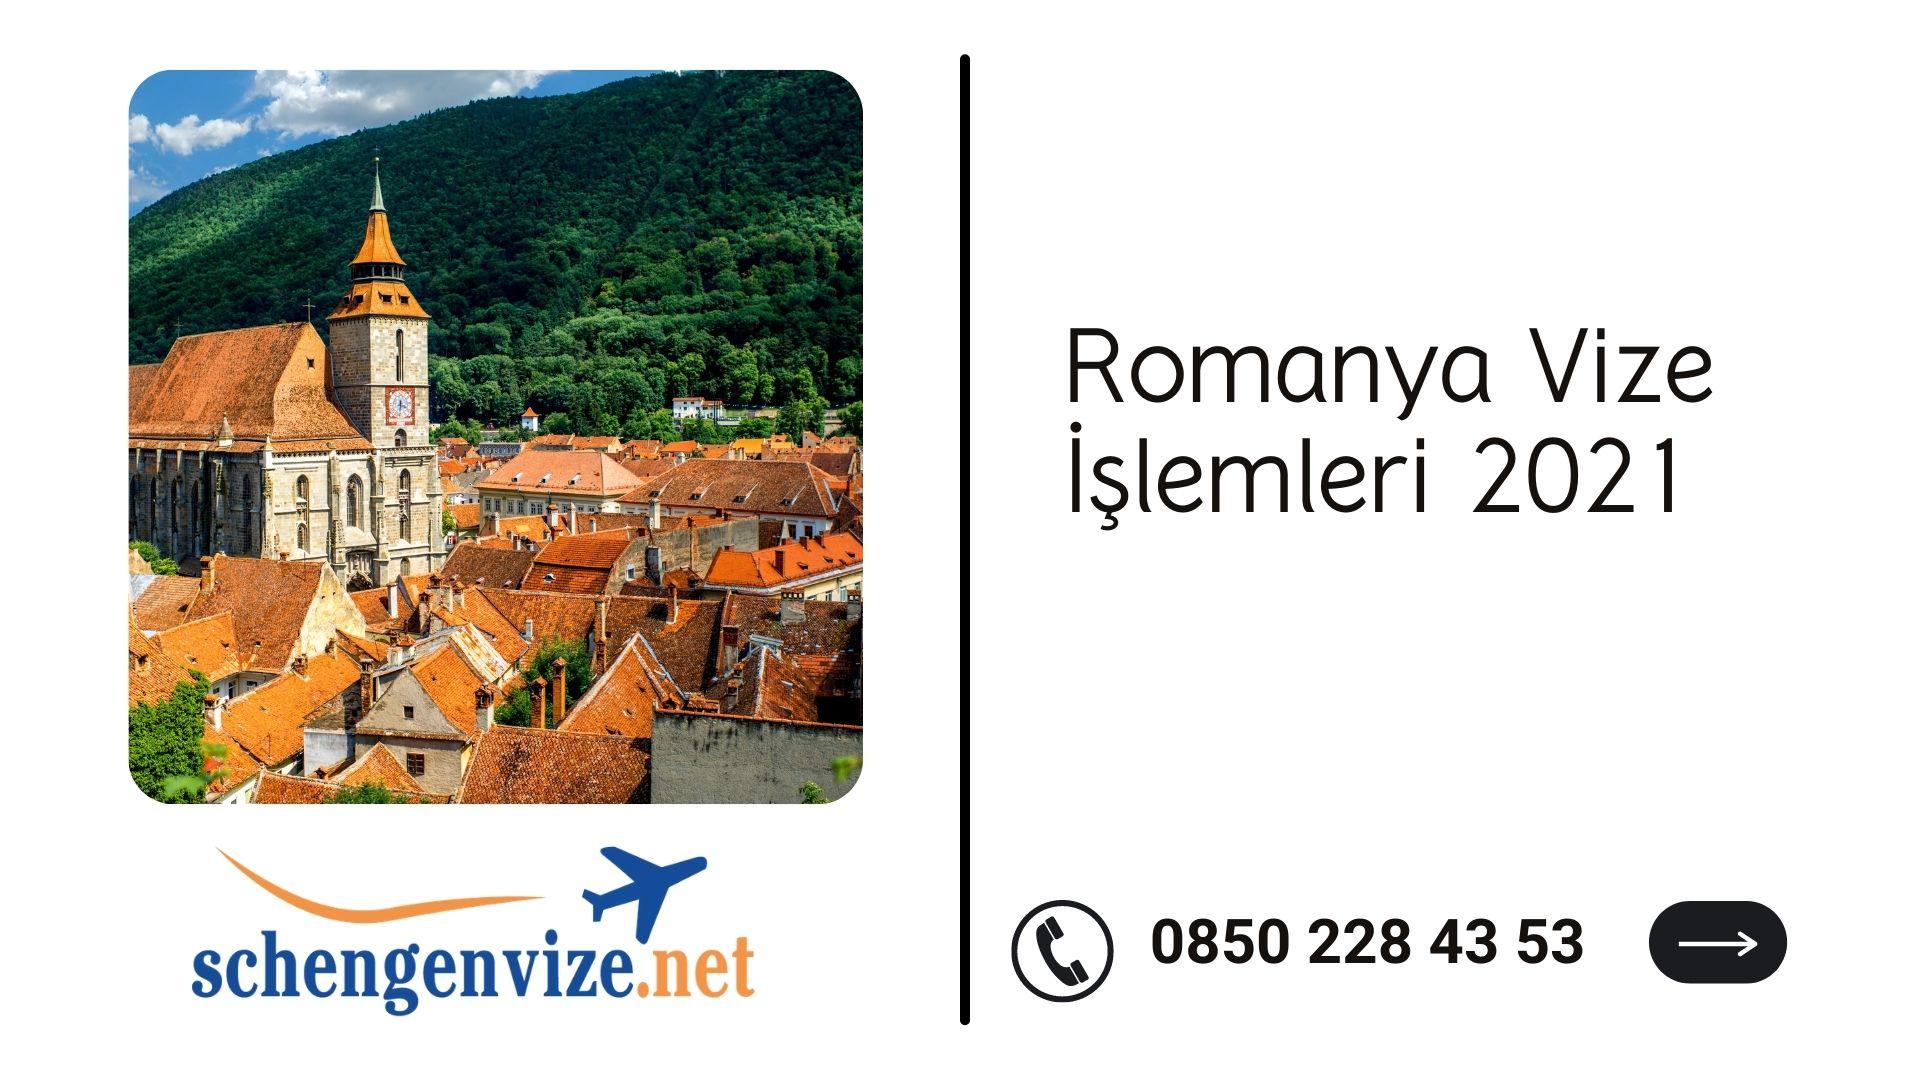 Romanya Vize İşlemleri 2021